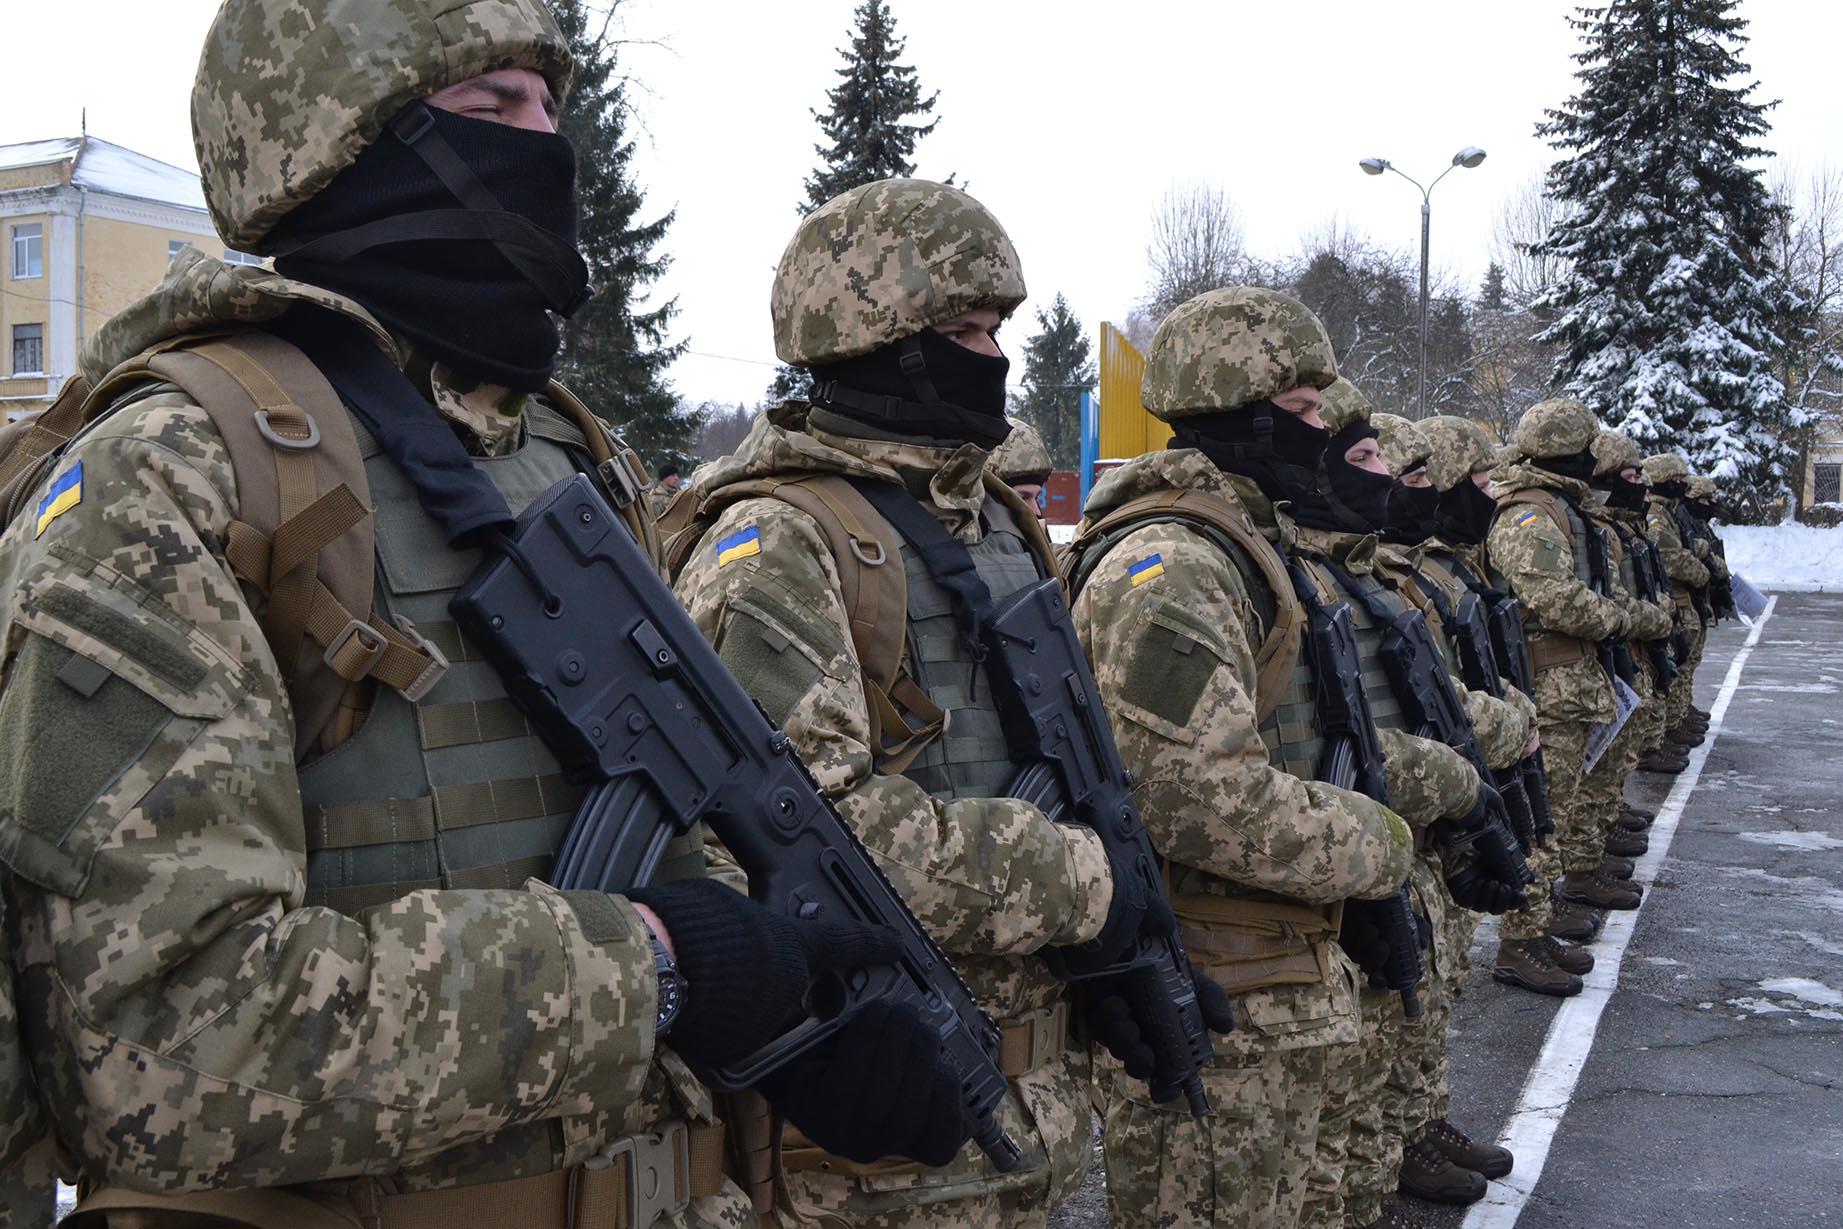 Бесконтрольность и хаос в рядах ВСУ растет — НМ ДНР